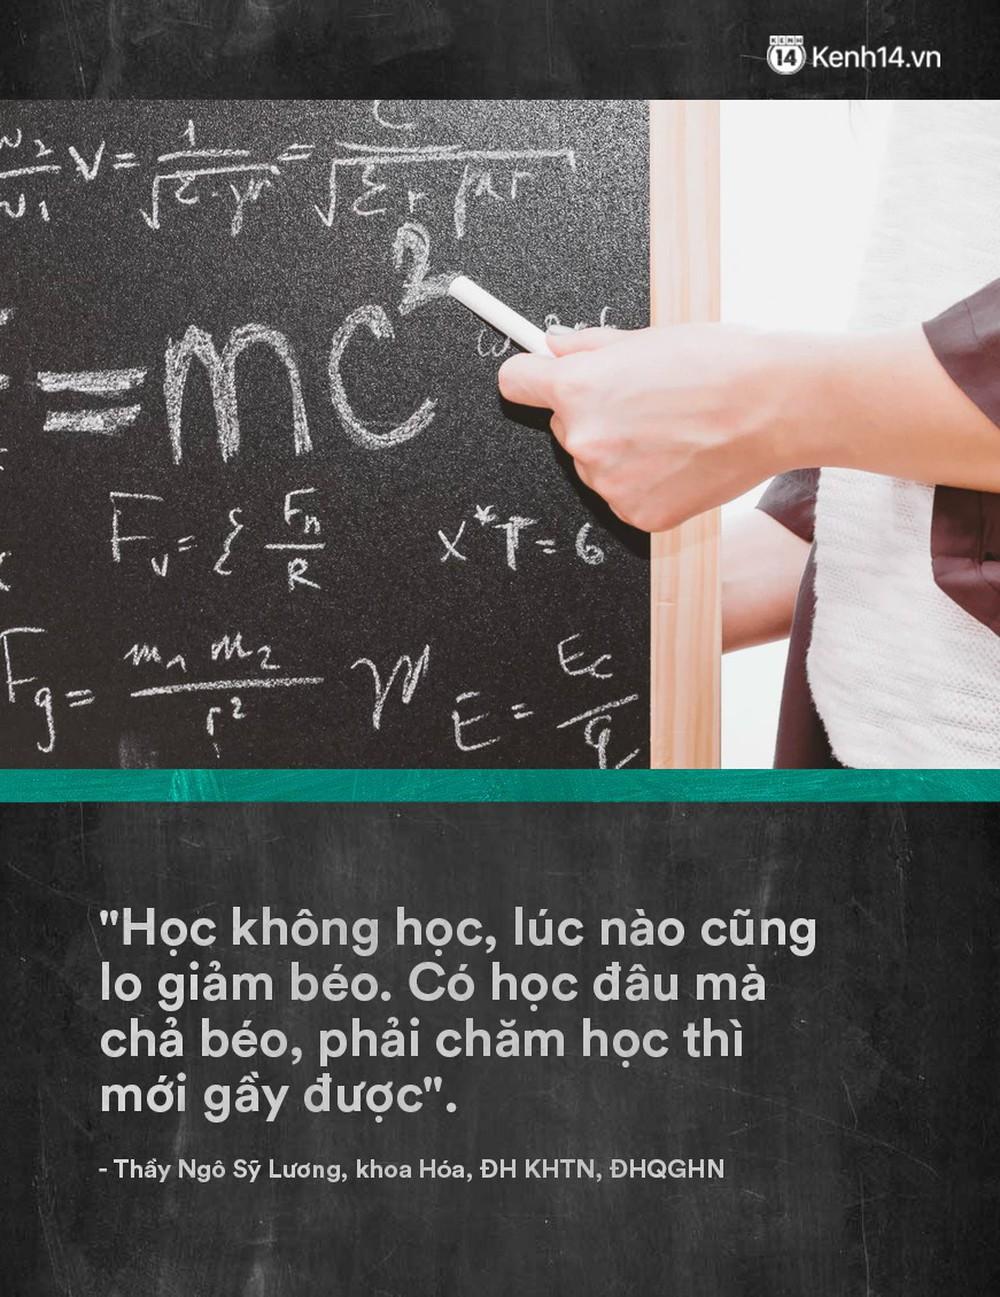 Loạt phát ngôn bá đạo của các thầy cô khiến học sinh chỉ biết câm nín - Ảnh 10.